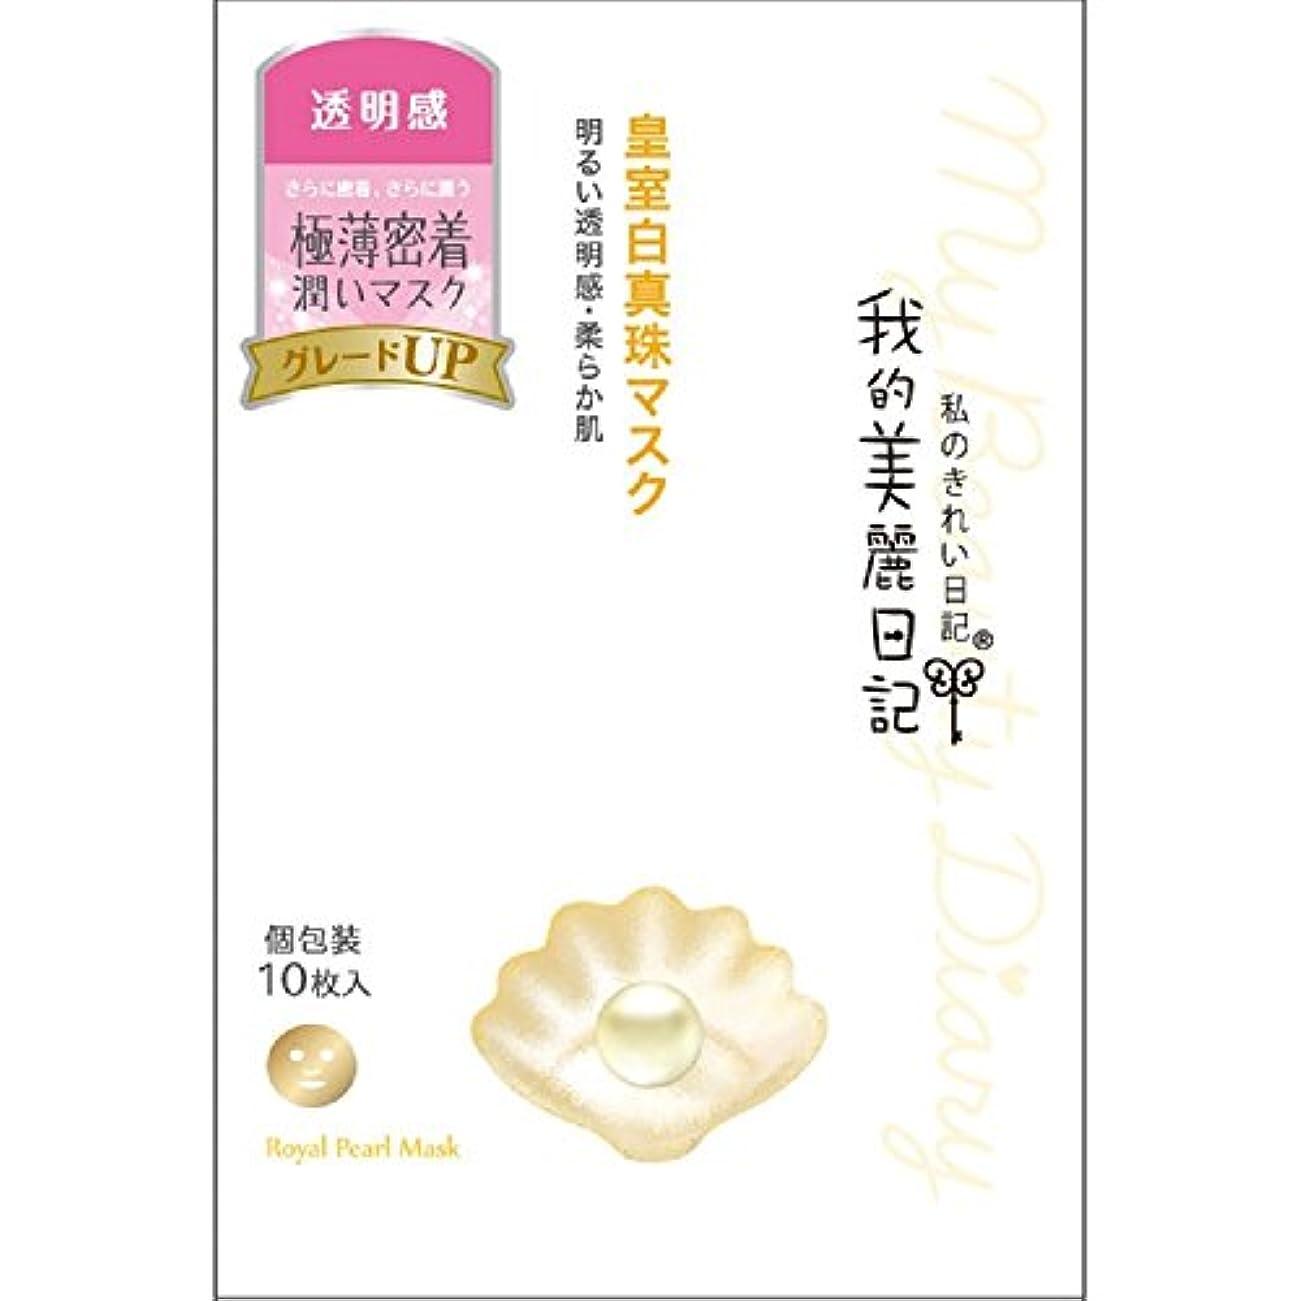 間家庭栄光の私のきれい日記 皇室白真珠マスク 10枚入り